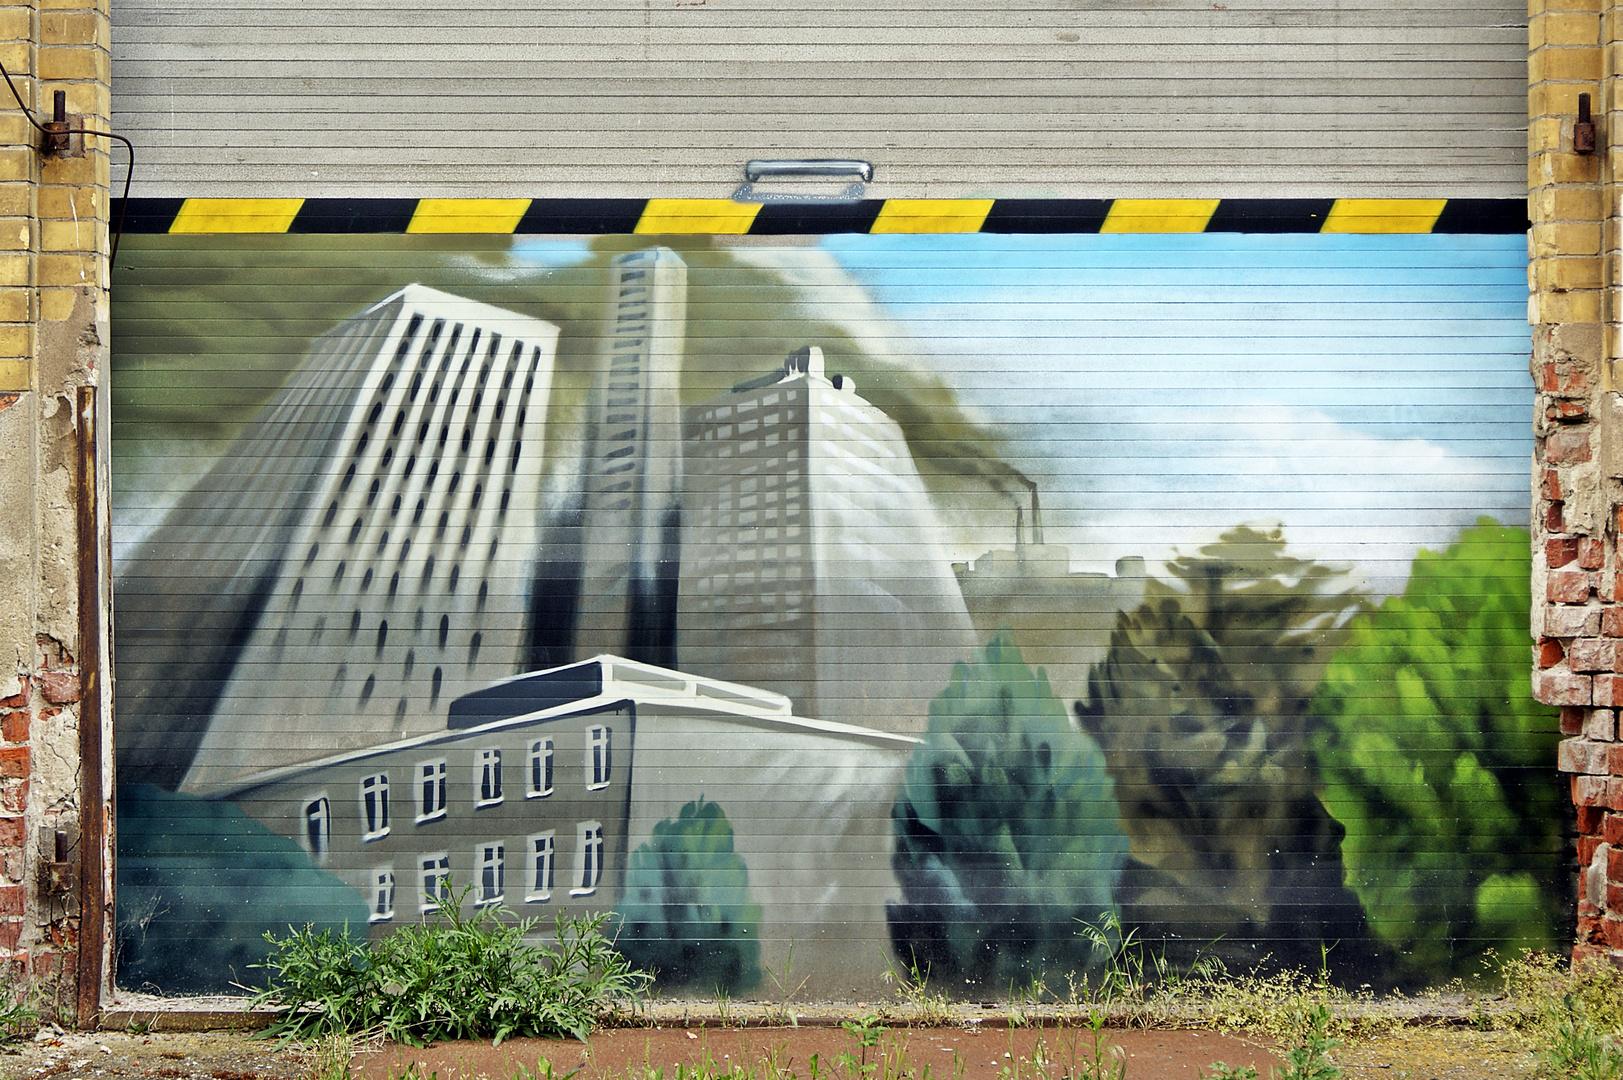 Rolltorgraffiti 2